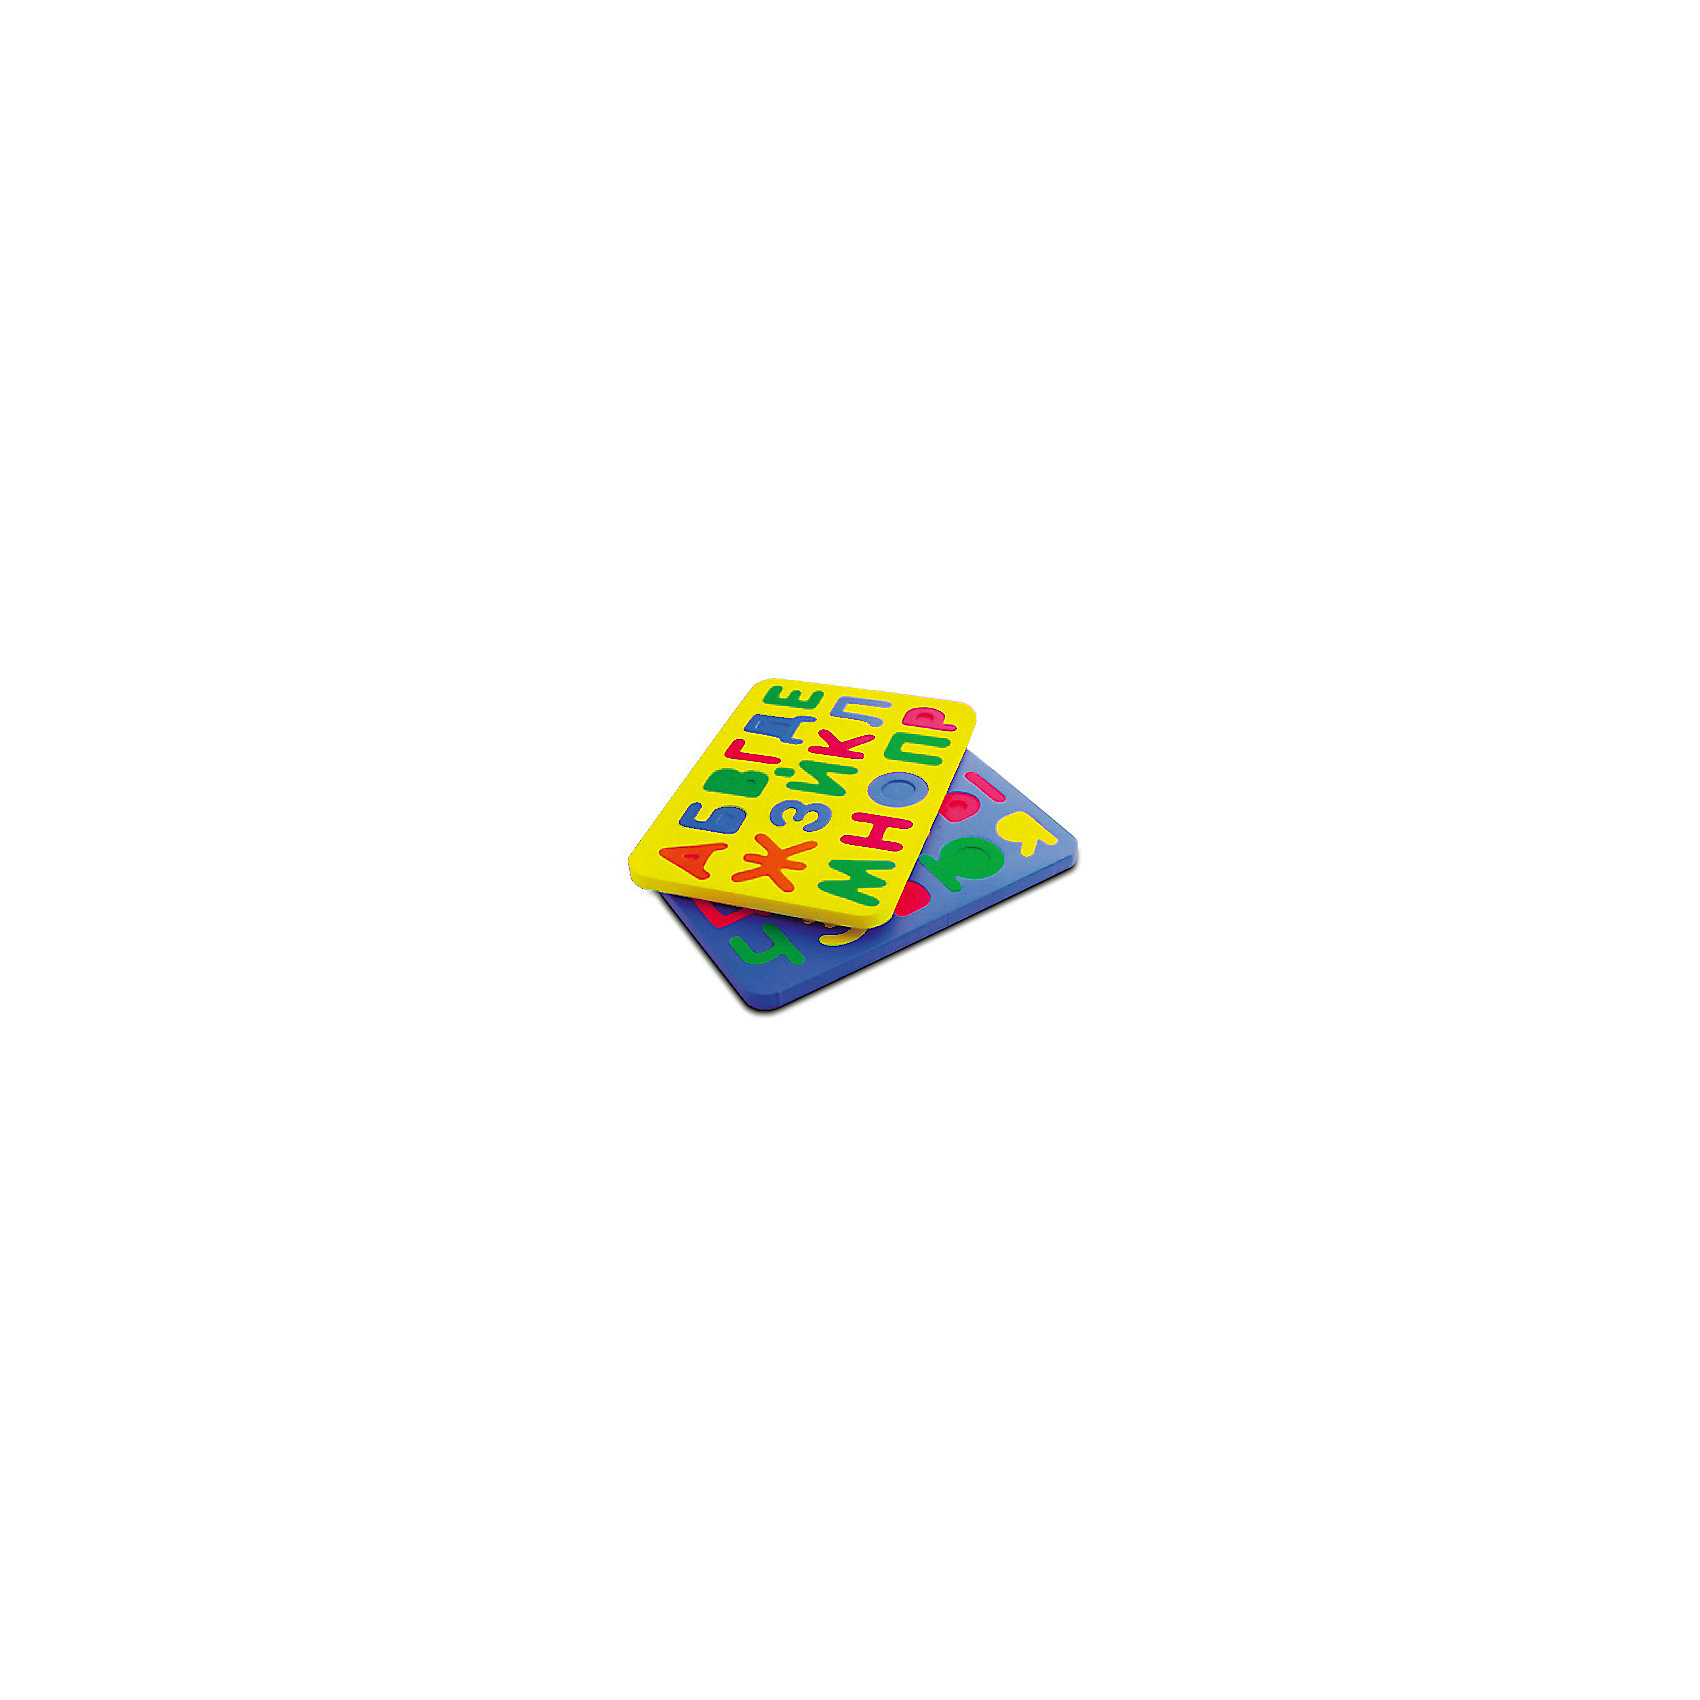 Русский алфавит, Мир деревянных игрушекИзучать буквы можно, играя! Специально для самых маленьких разработаны сортеры, сделанные из вспененного легкого приятного на ощупь материала. Вставляя буквы в рамки, малыш будет запоминать алфавит, учиться соотносить фигуры, распознавать цвета, развивать пространственное мышление, память и мелкую моторику. Этот пазл произведен из качественных и безопасных для детей материалов.<br><br>Дополнительная информация:<br><br>цвет: разноцветный;<br>материал: вспененный полимер;<br>размер: 14 х 21 см.<br><br>Пазл Русский алфавит от бренда Бомик можно купить в нашем магазине.<br><br>Ширина мм: 140<br>Глубина мм: 15<br>Высота мм: 205<br>Вес г: 57<br>Возраст от месяцев: 36<br>Возраст до месяцев: 84<br>Пол: Унисекс<br>Возраст: Детский<br>SKU: 4968995